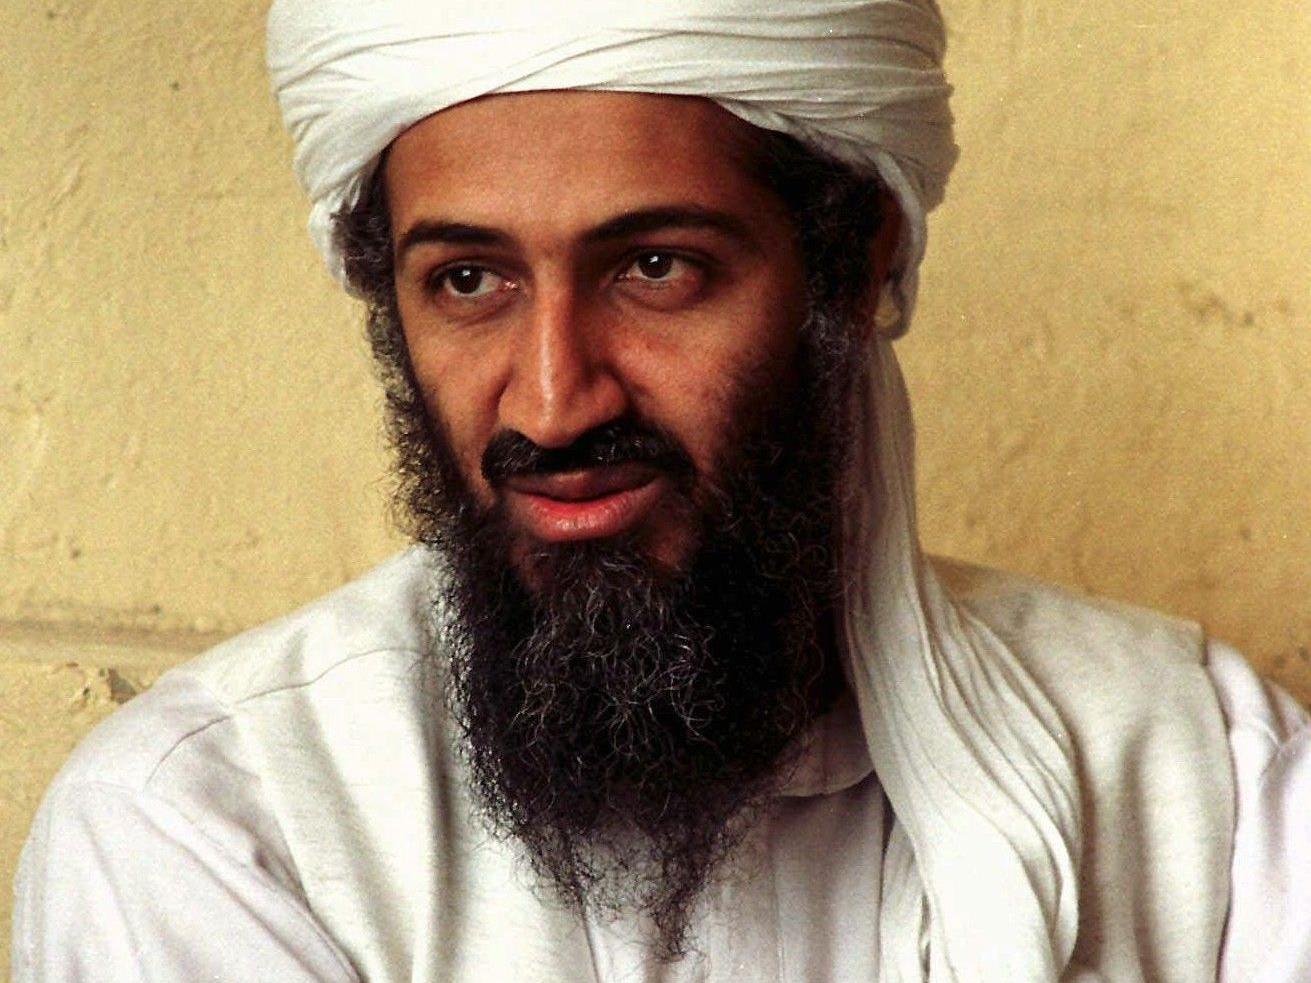 Nach der Tötung Bin Ladens (Bild) durch eine US-Elitetruppe im Mai 2011 wurde Afridi festgenommen.